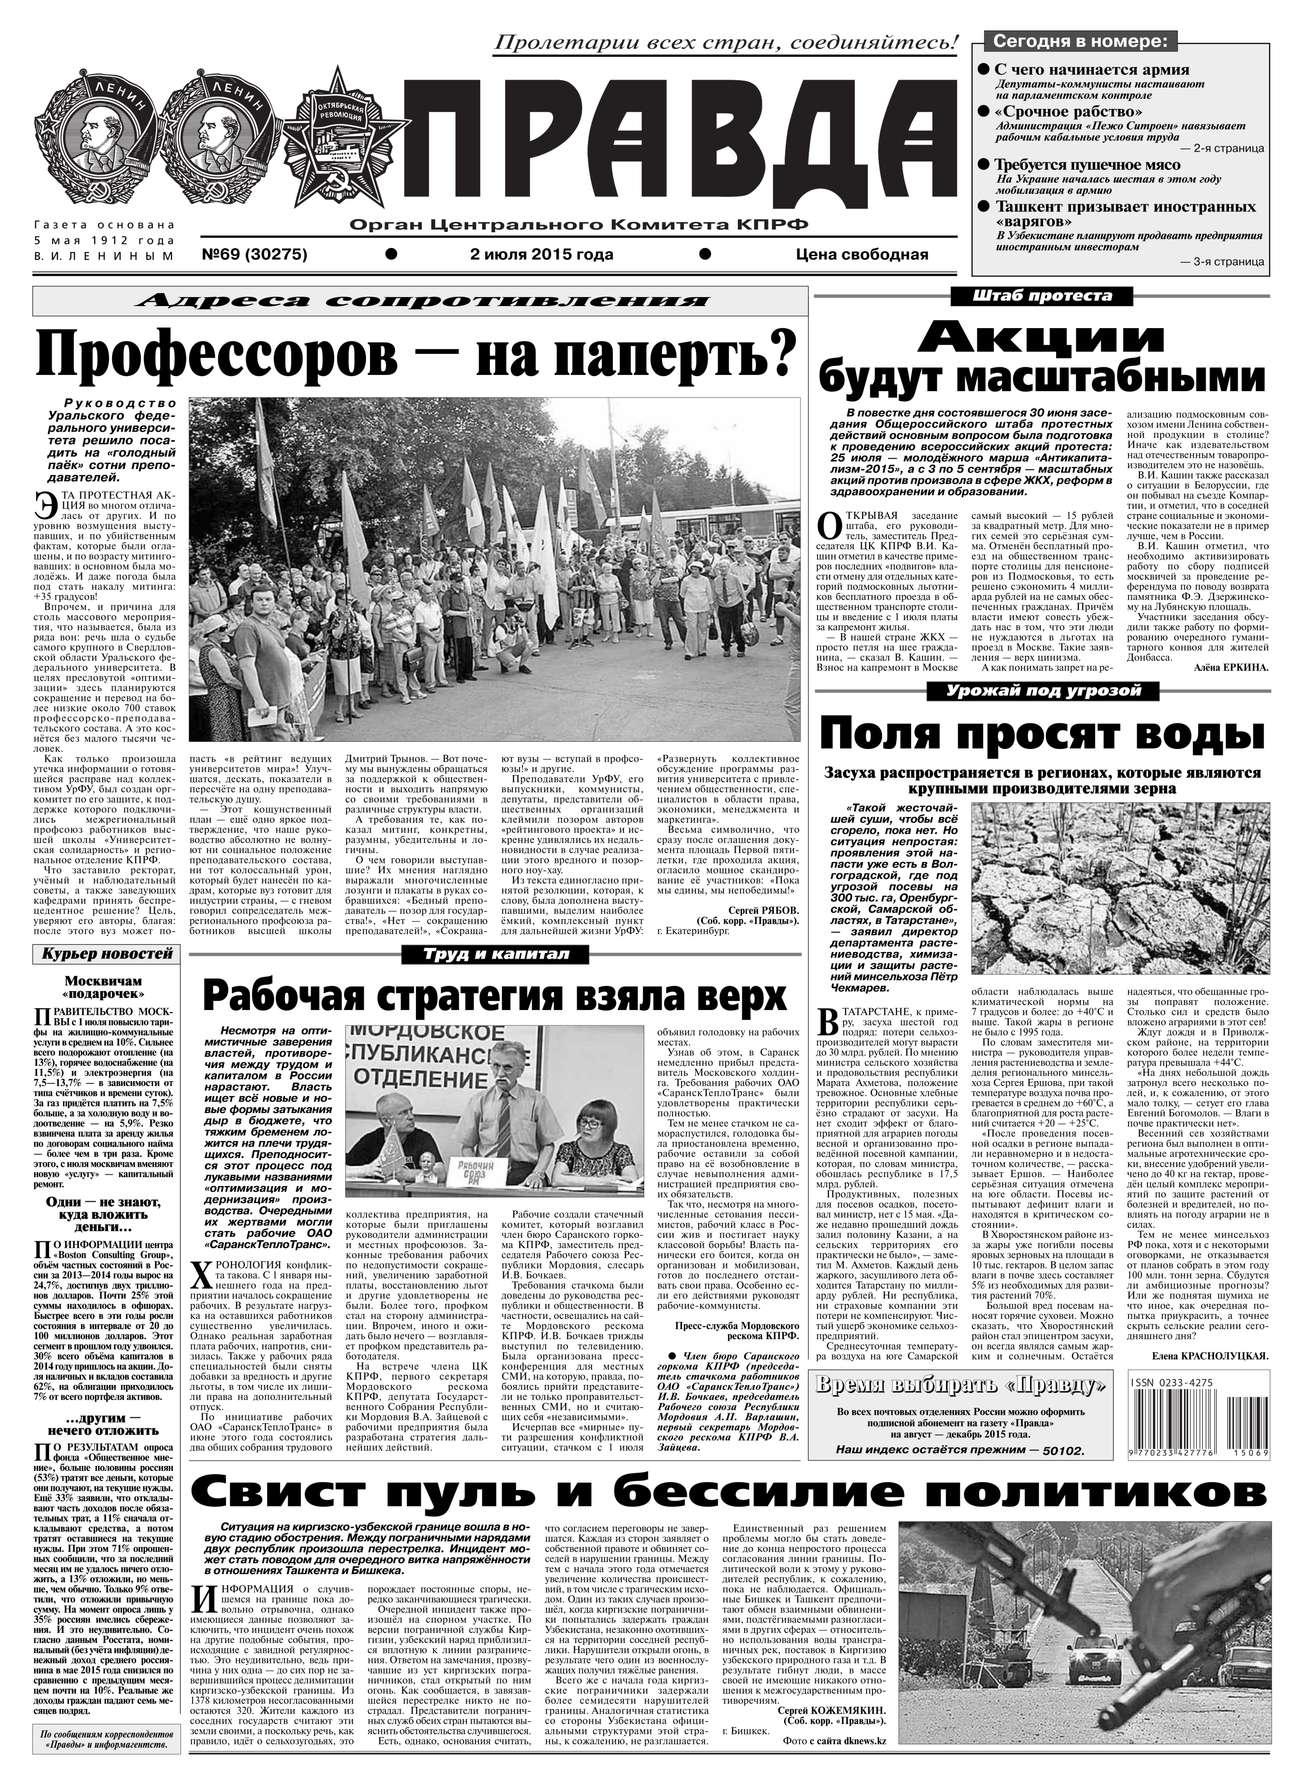 цена Редакция газеты Правда Правда 69